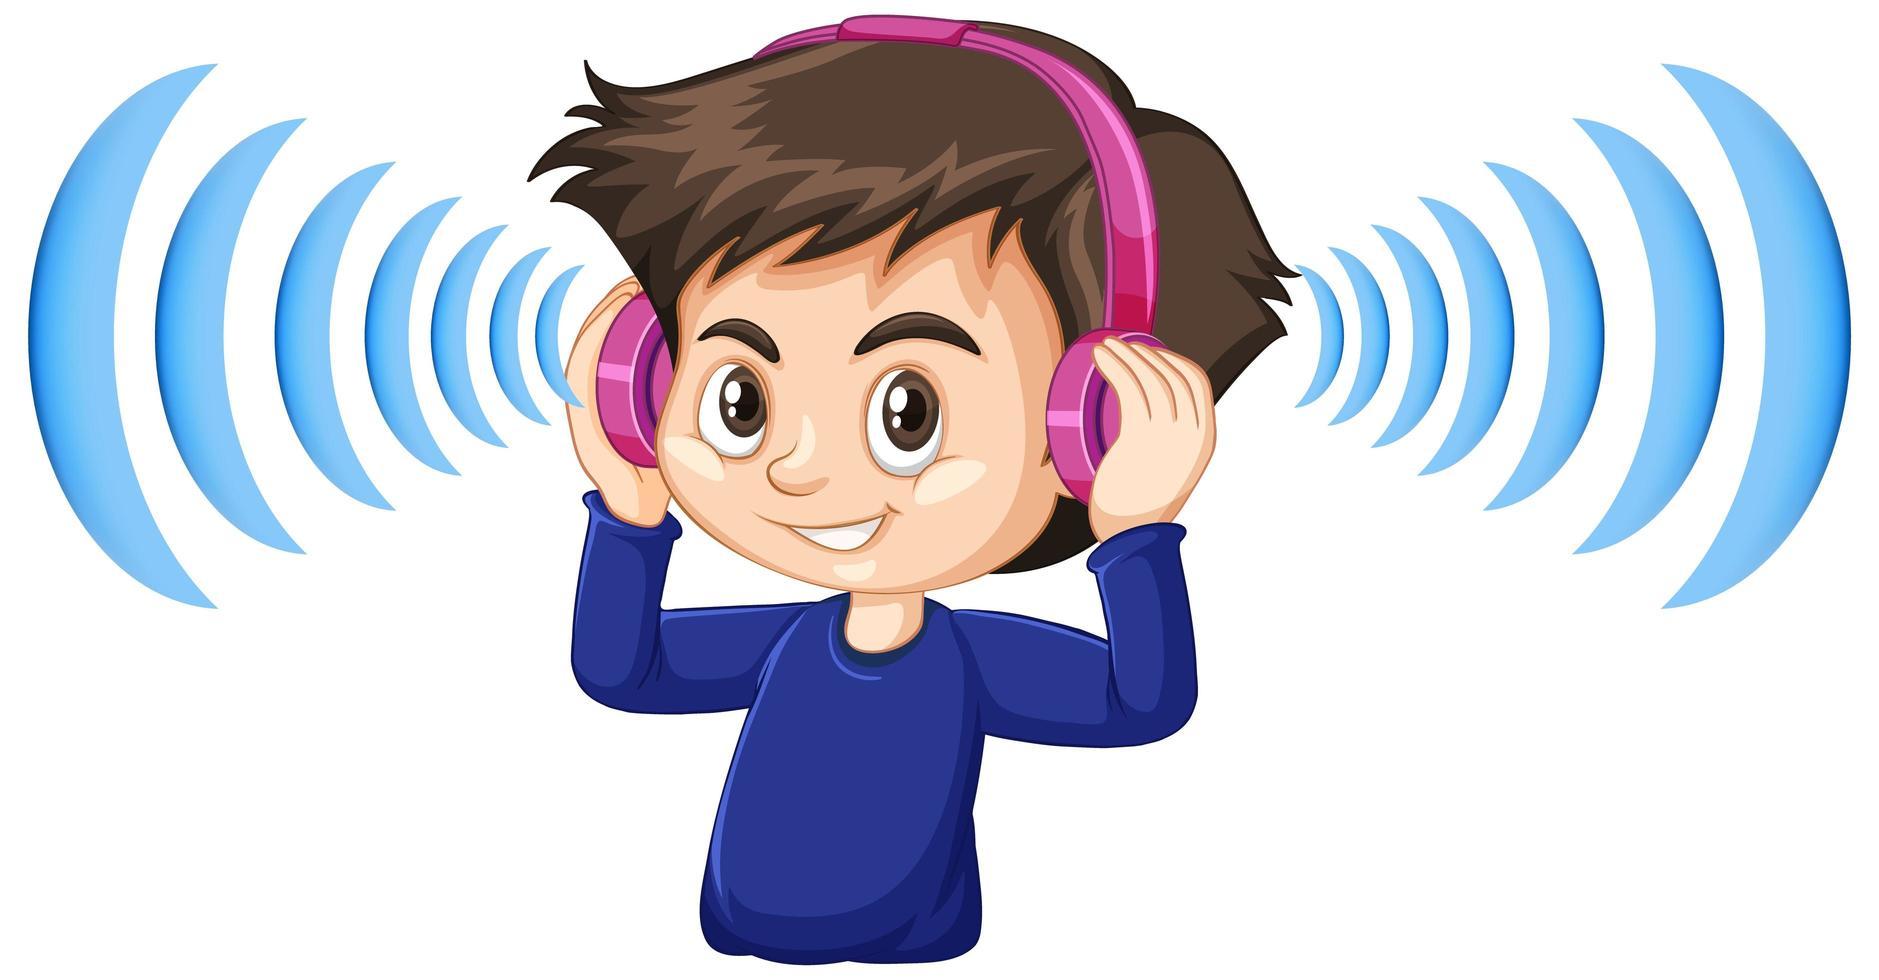 Junge mit geräuschunterdrückenden Kopfhörern vektor